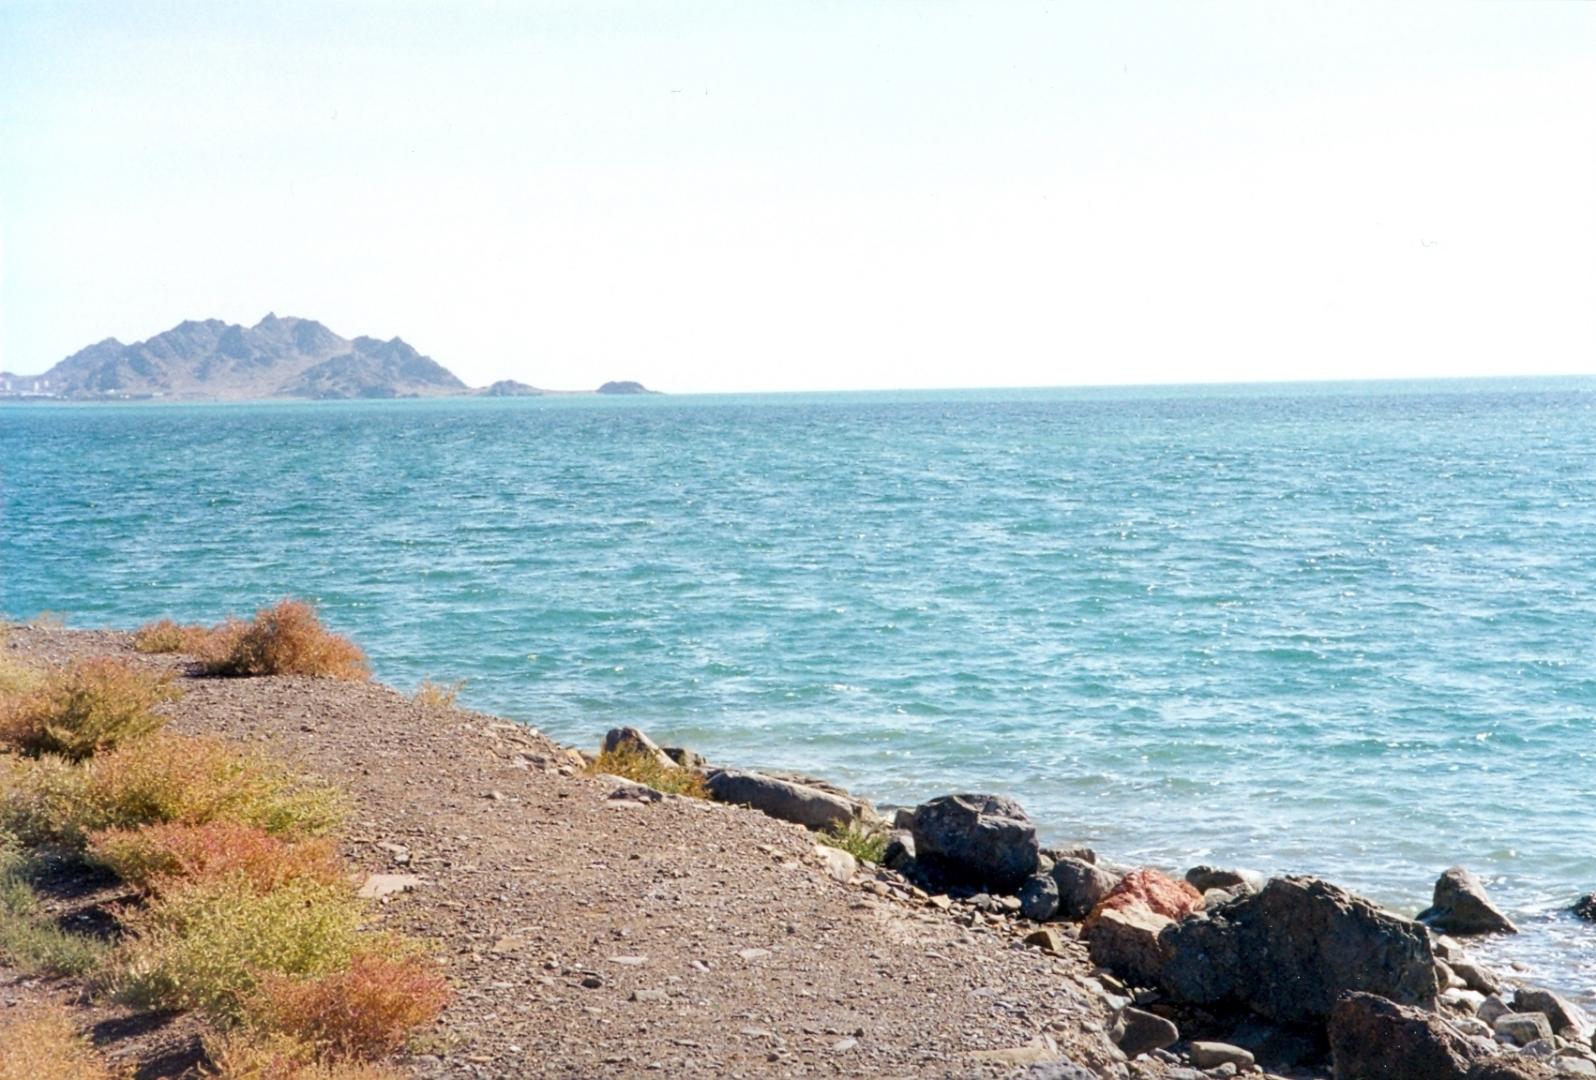 Мажилис принял законопроект об экологической защите Каспия